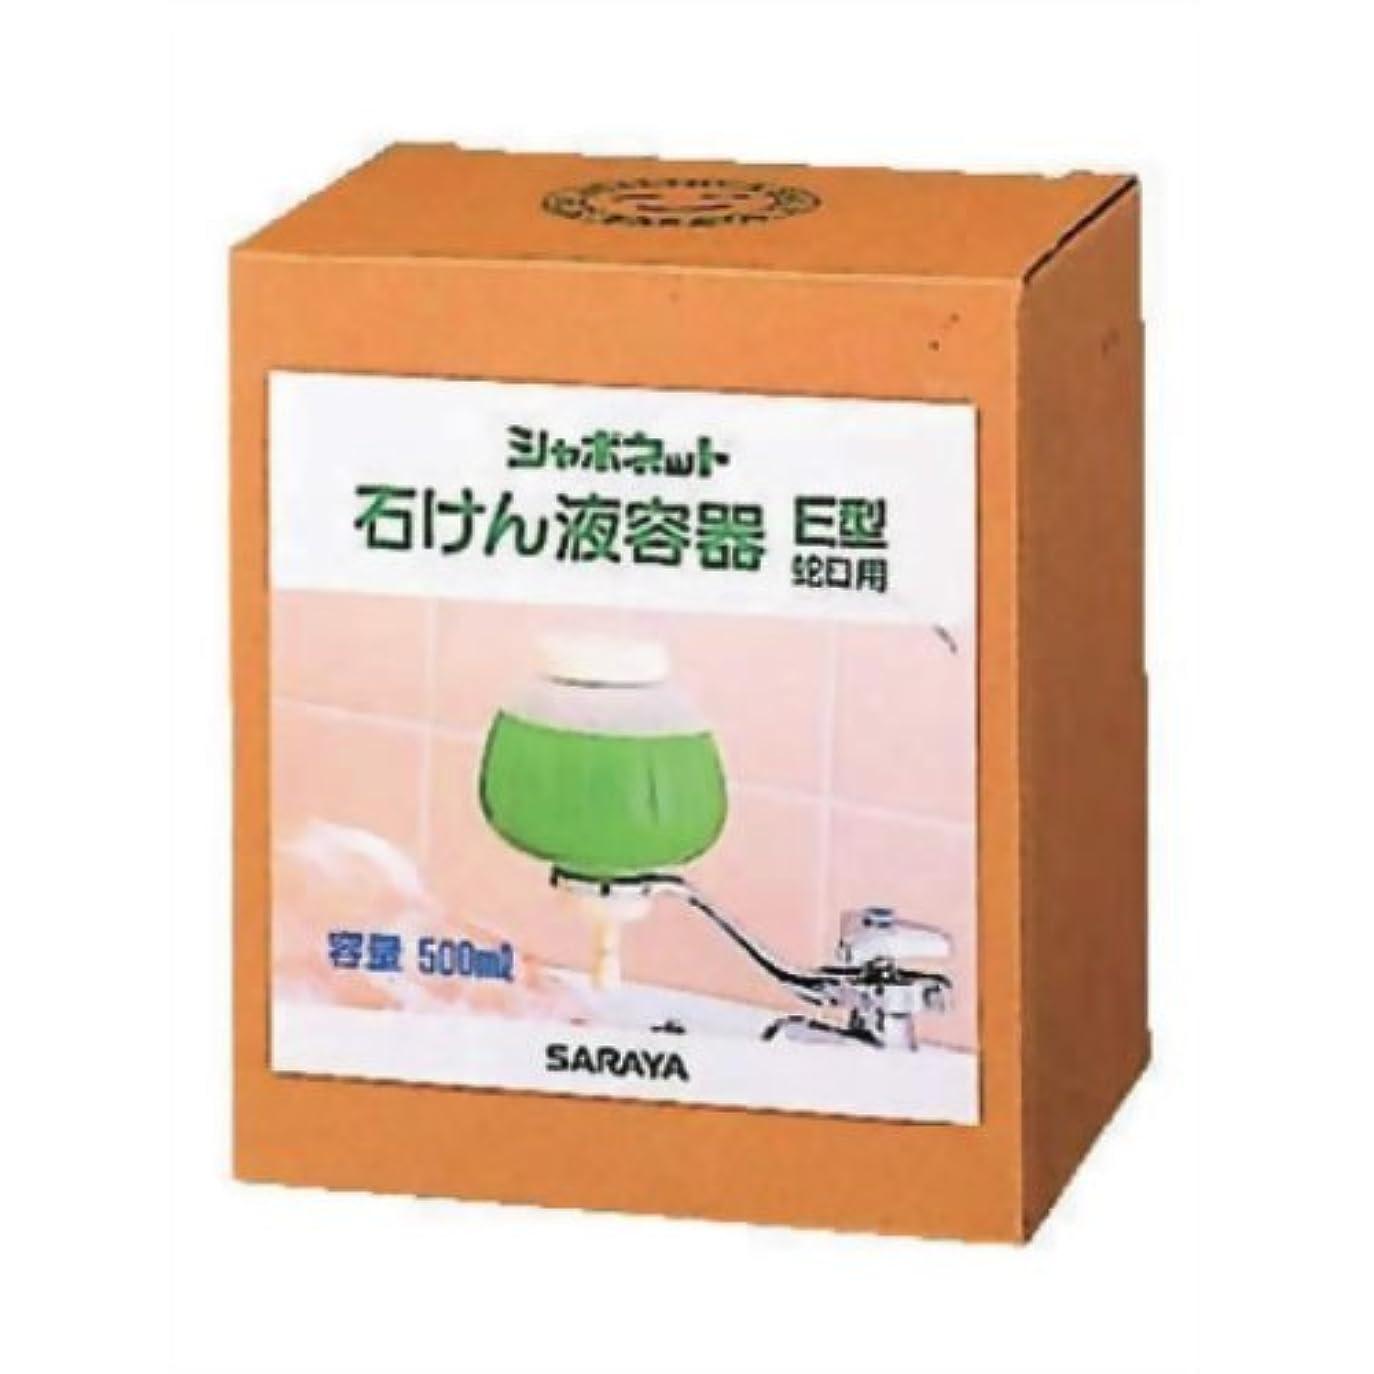 したい統合船尾シャボネット 石鹸液容器 E型蛇口用 500ml